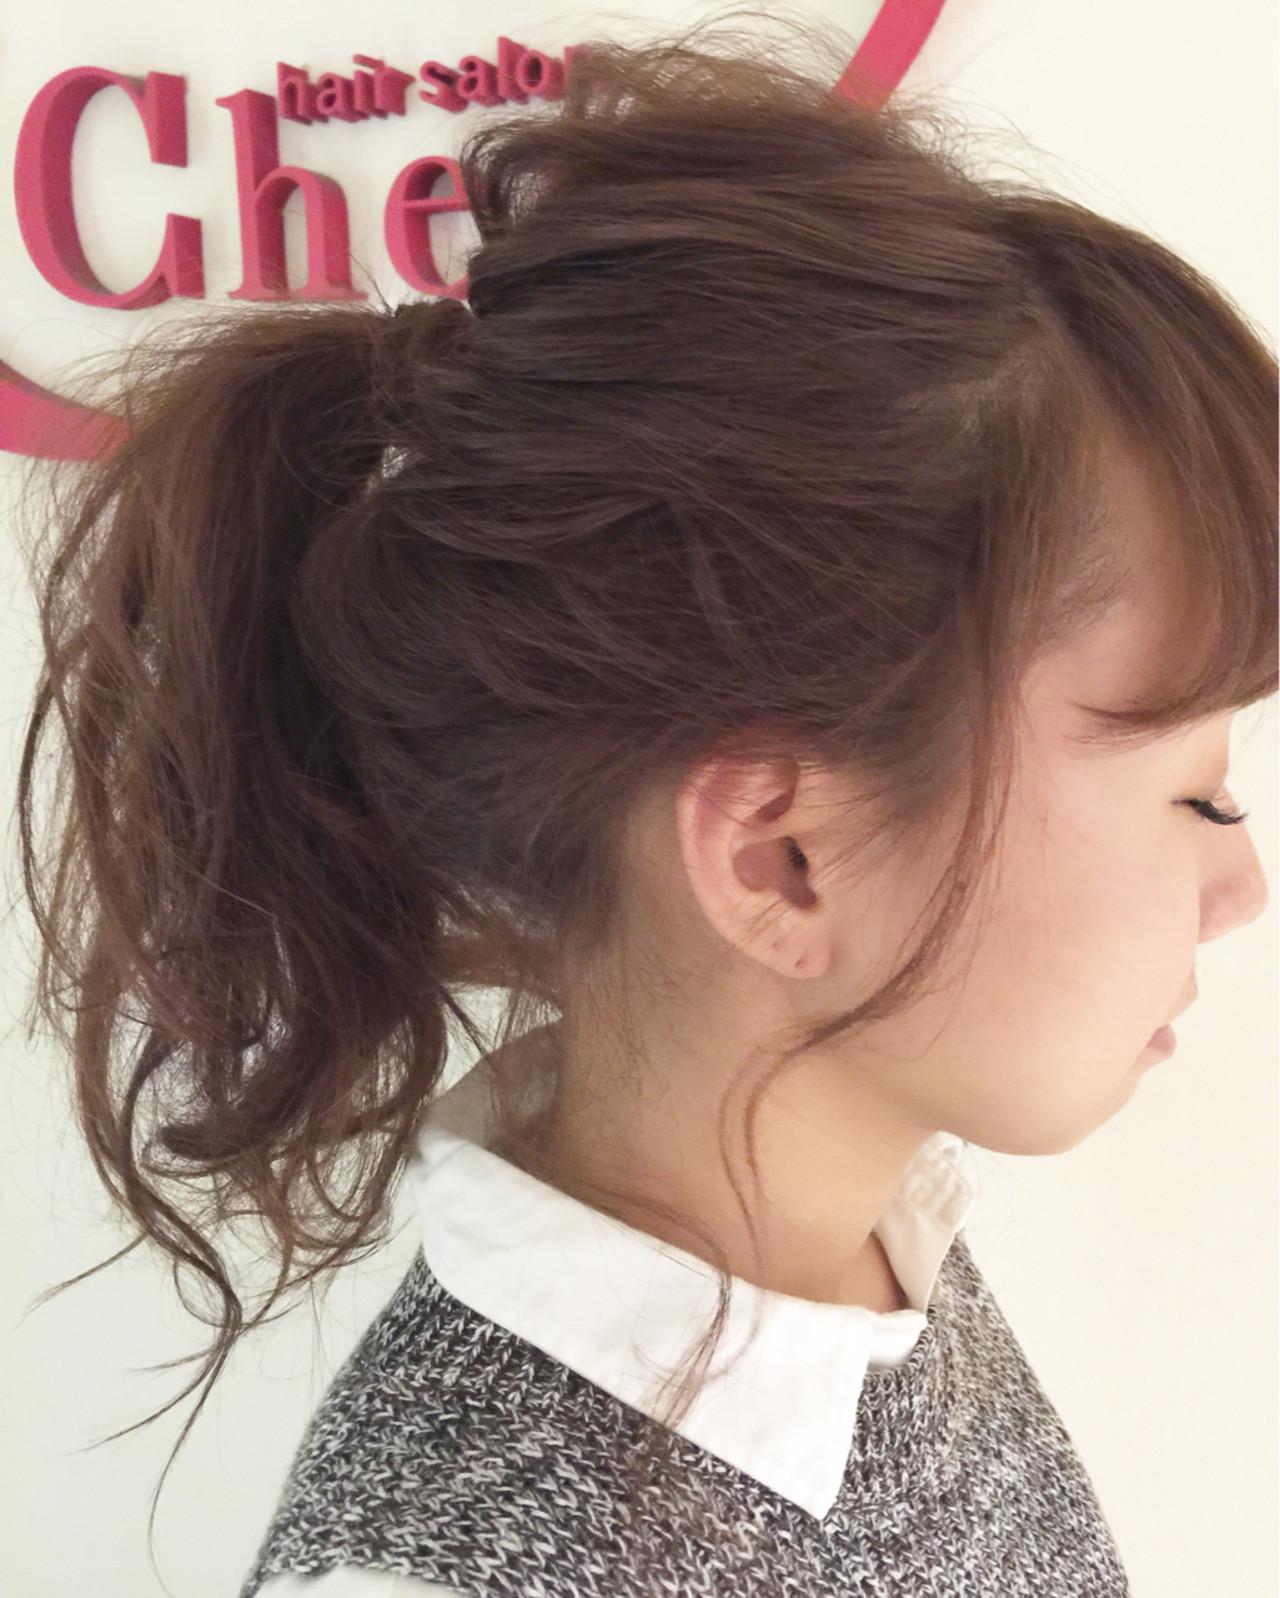 簡単ヘアアレンジ ヘアアレンジ ロング ポニーテール ヘアスタイルや髪型の写真・画像 | 栗山 卓也 / ヘアーサロンシェール